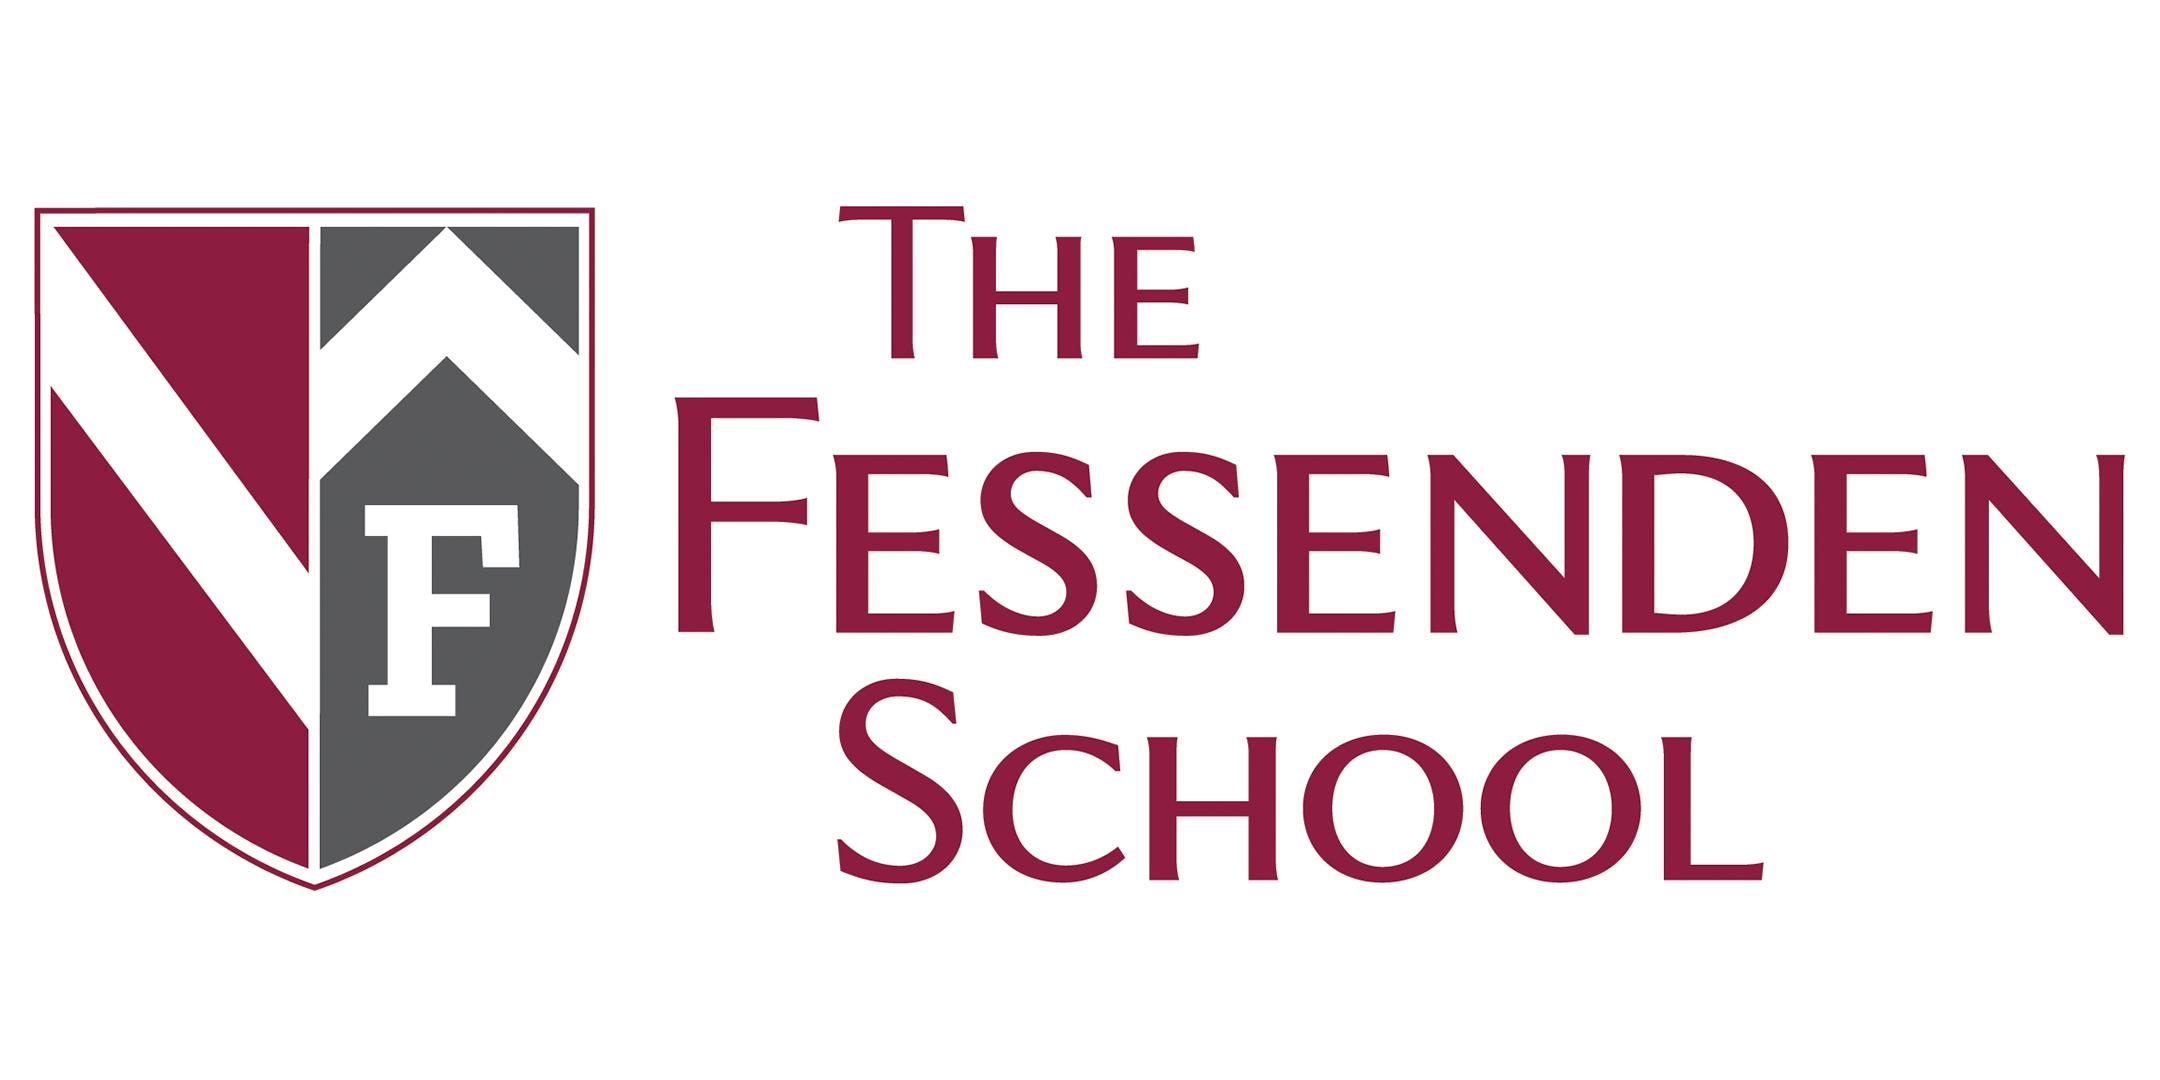 The Fessenden School